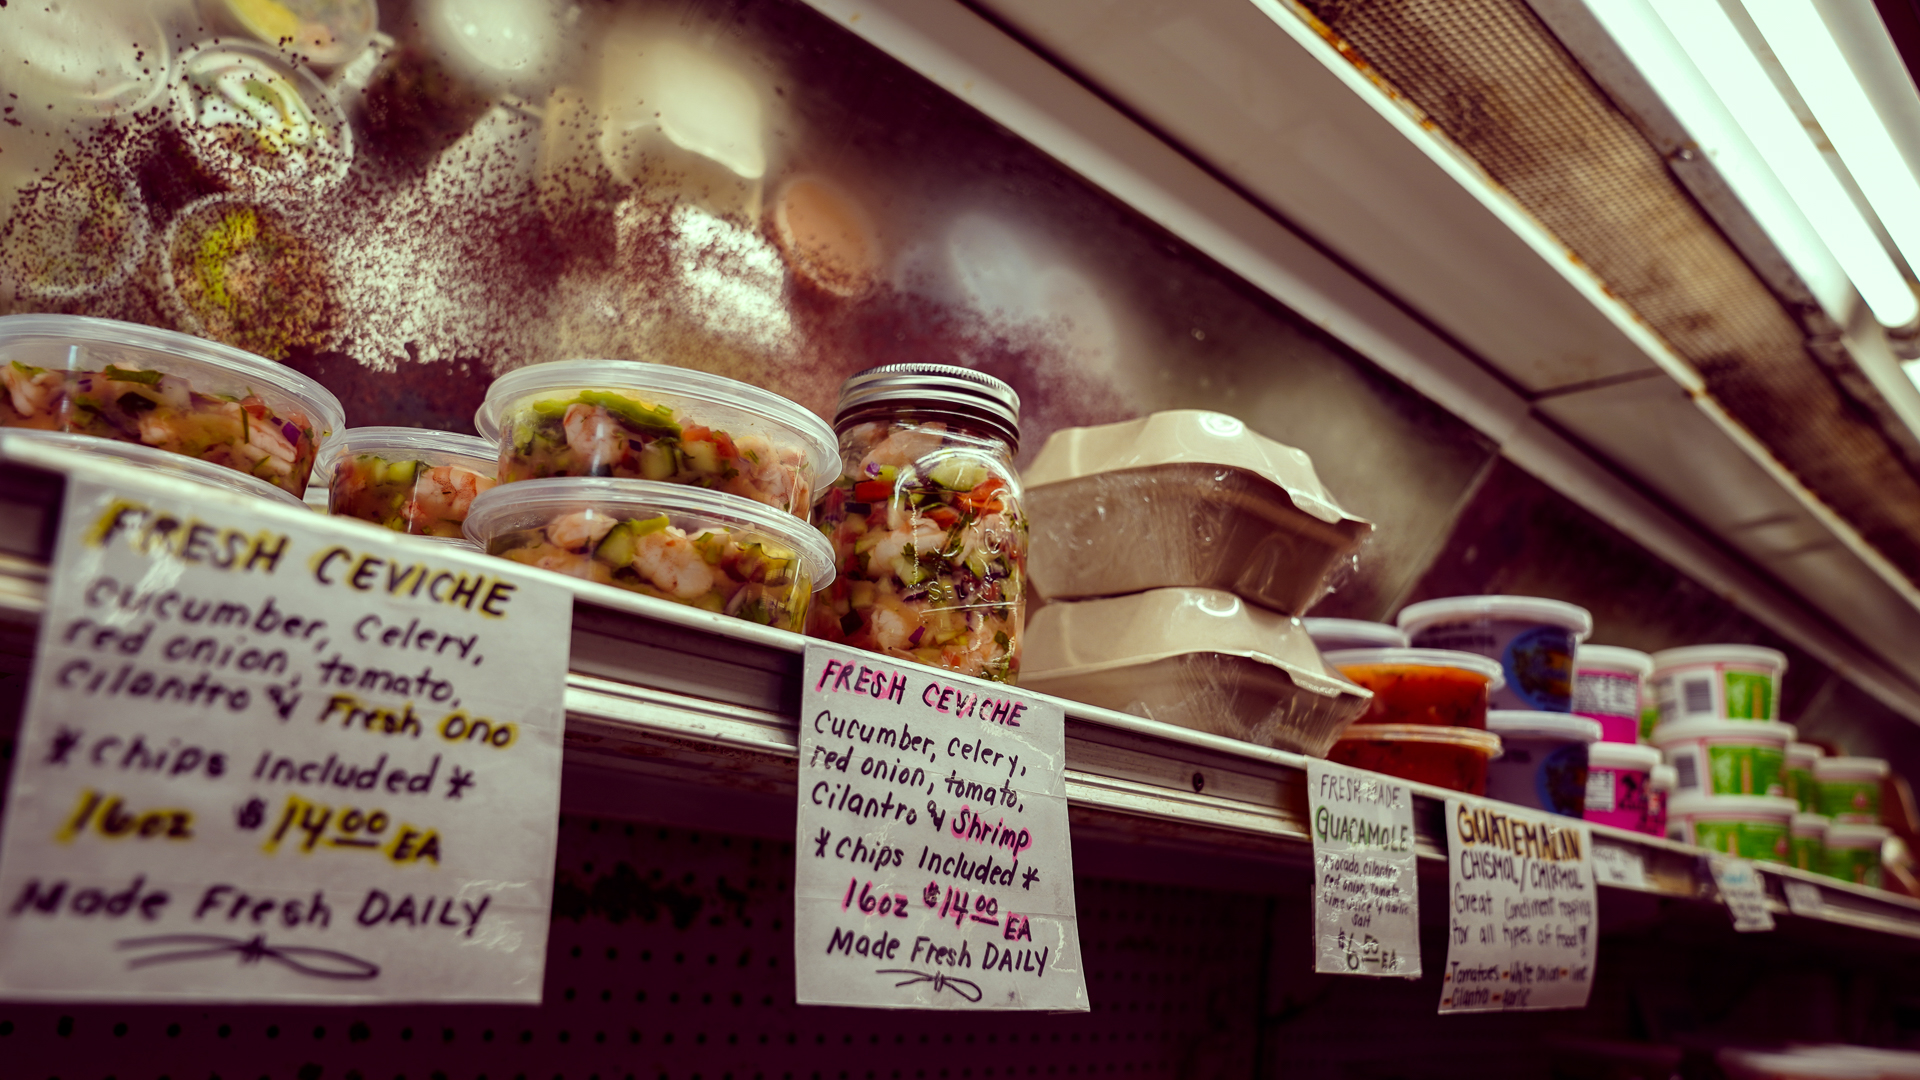 Kauai Kukuiula Mom and Pop Market Ceviche Shelf